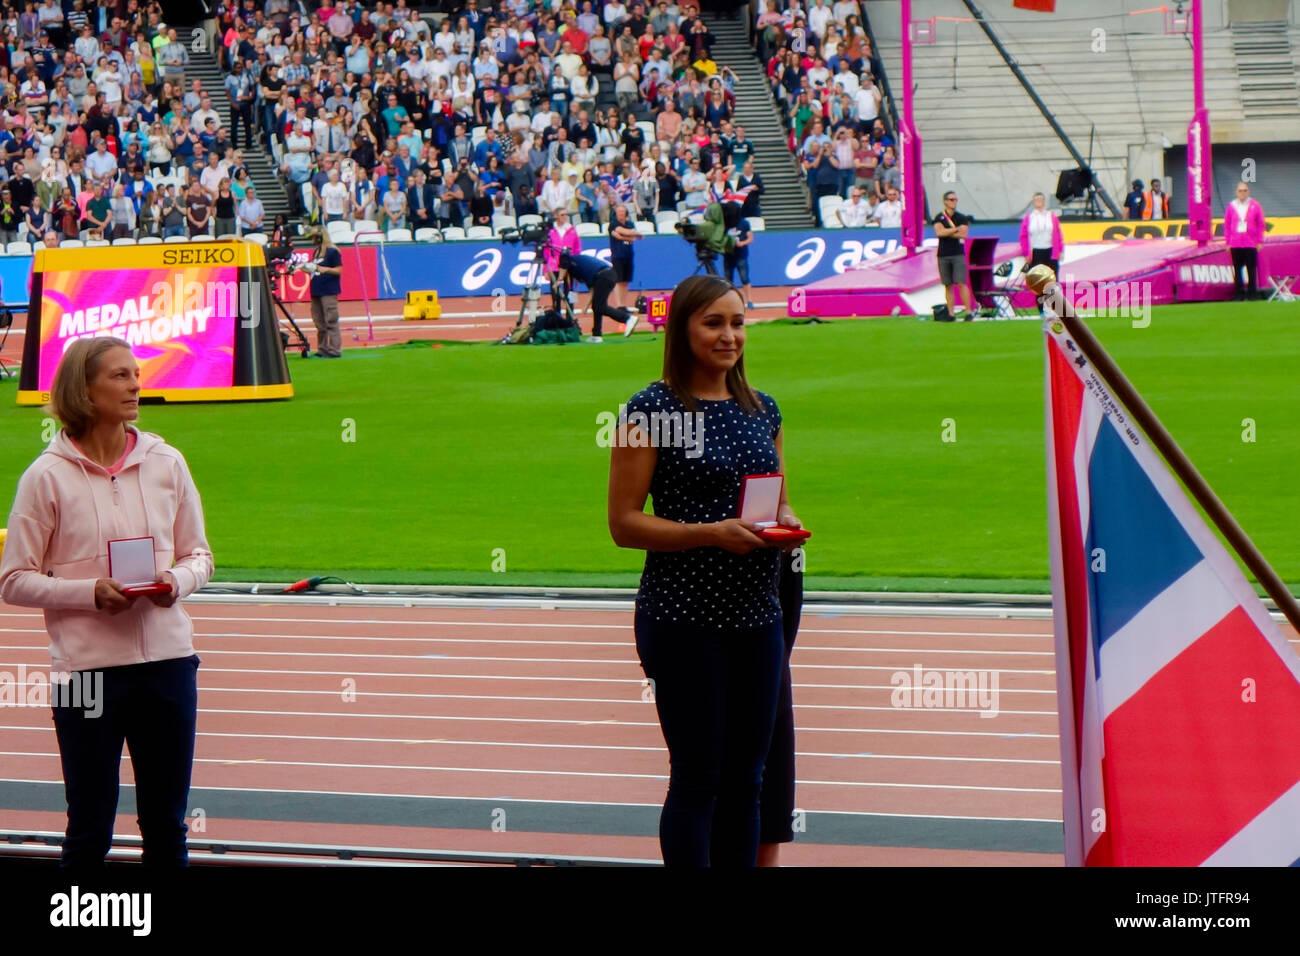 6 de agosto de 2017, London Stadium, en East London, Inglaterra; Campeonatos Mundiales de la IAAF, Jennifer Oeser de Alemania y Jessica Ennis de Gran Bretaña Foto de stock